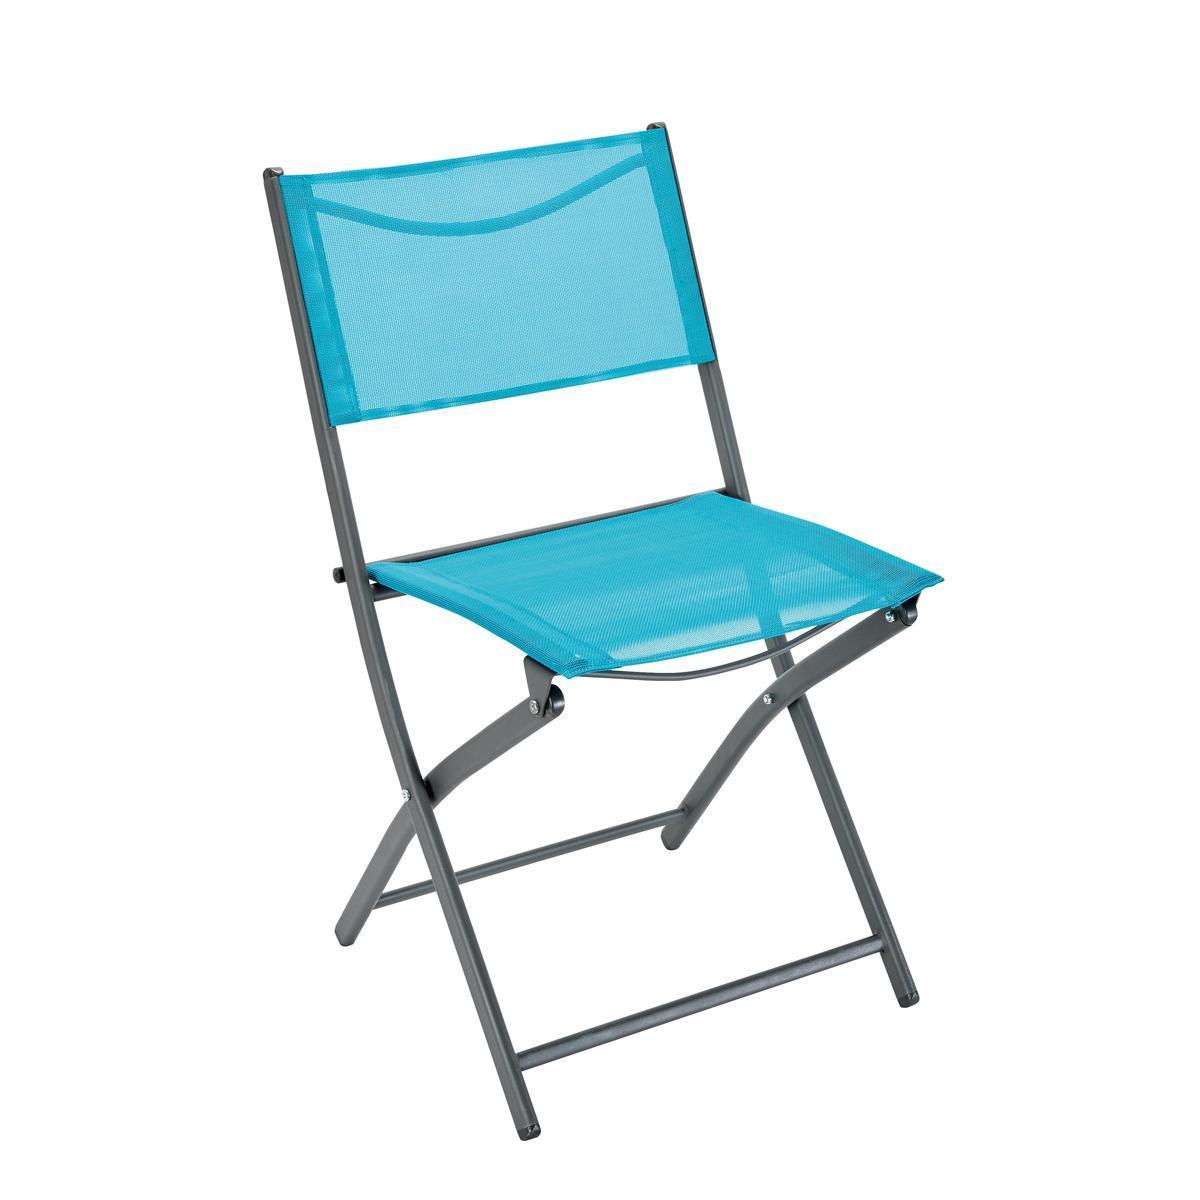 Chaise Nouméa - Gris, bleu - MOOREA - Mobilier de jardin  La Foir